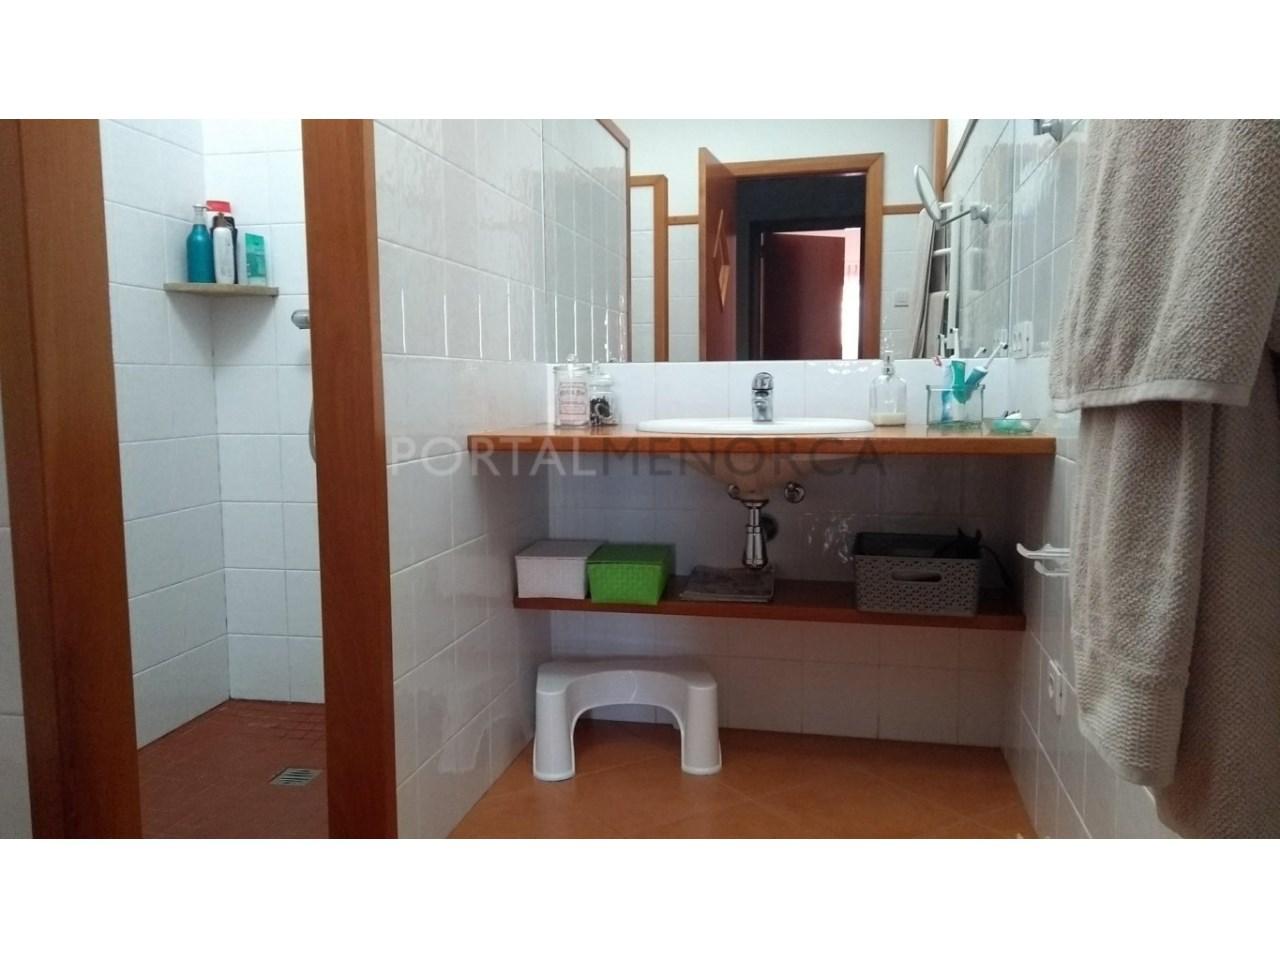 Amplia Casa con patio en venta en Ciutadella baño suite